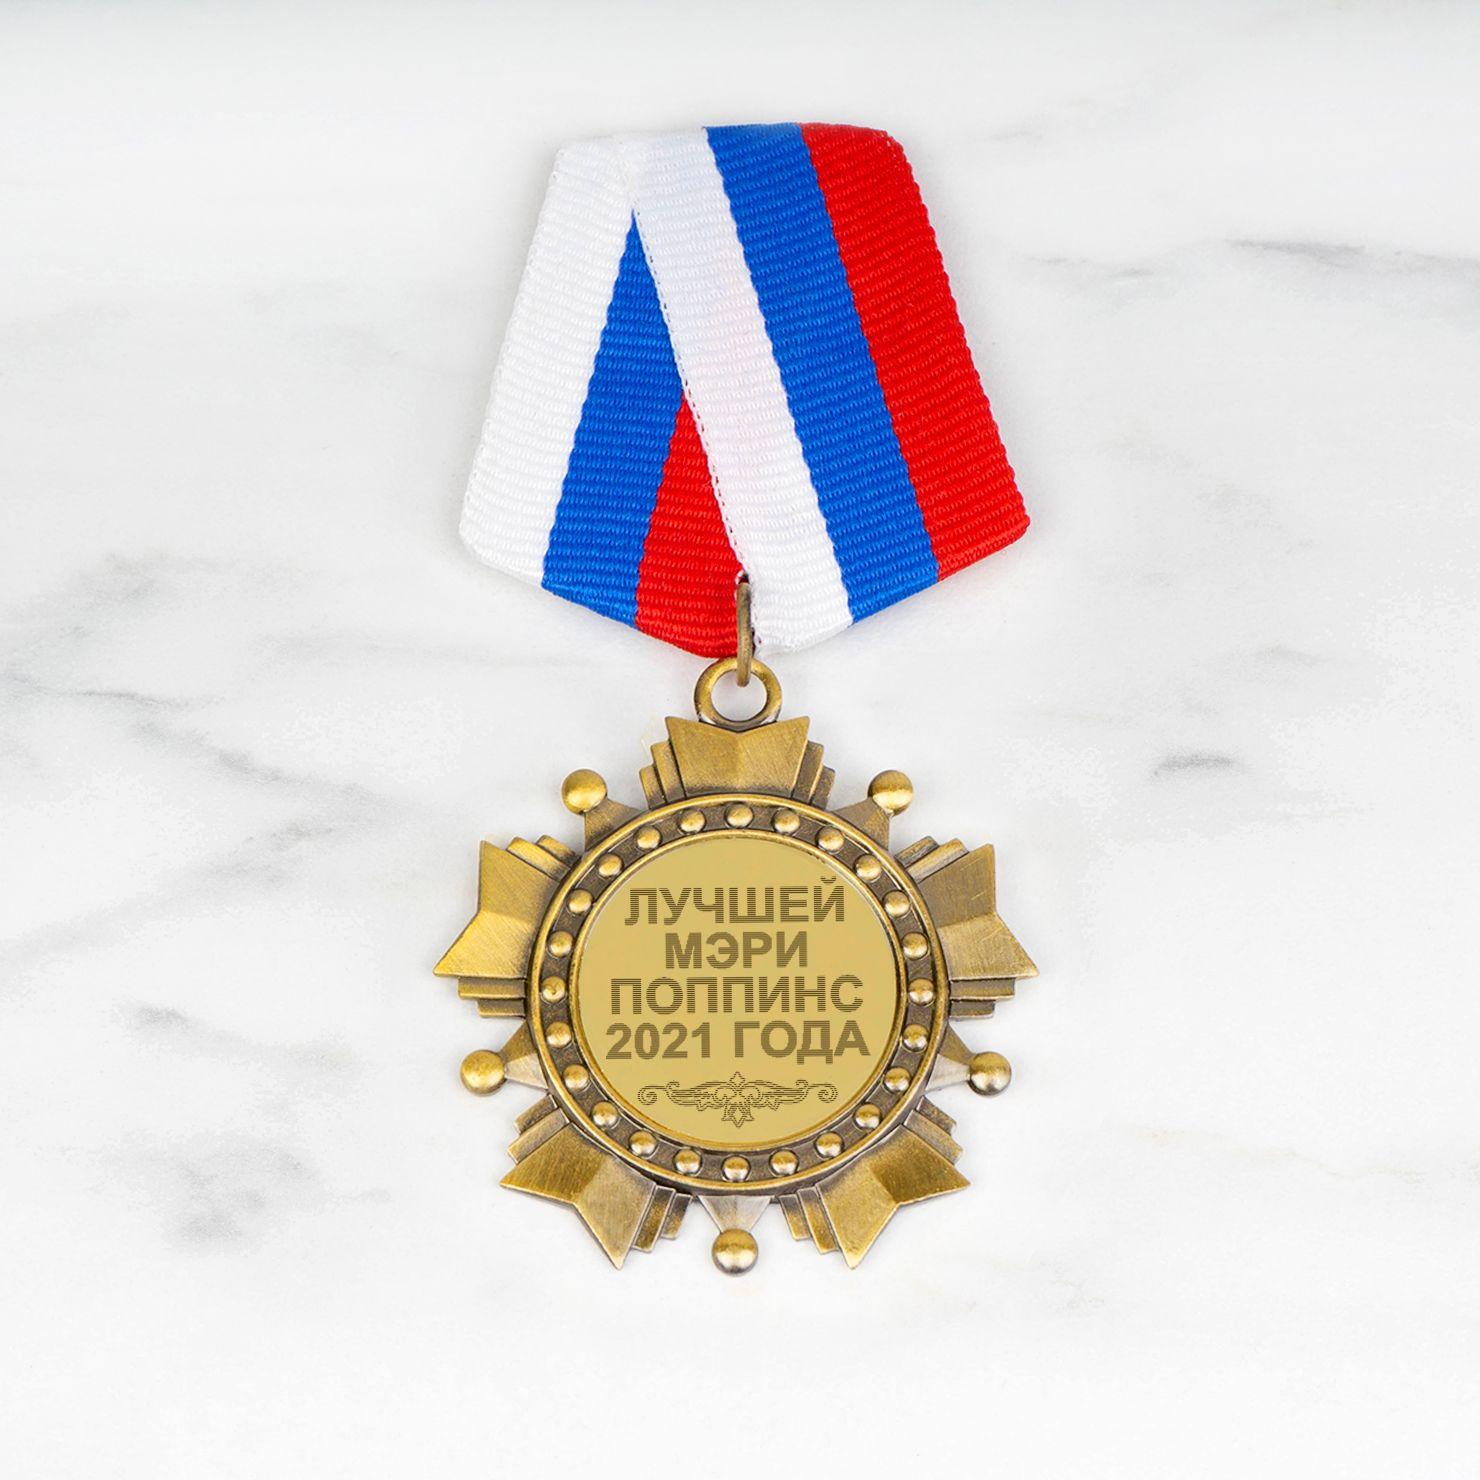 Орден *Лучшей Мэри Поппинс 2021 года*